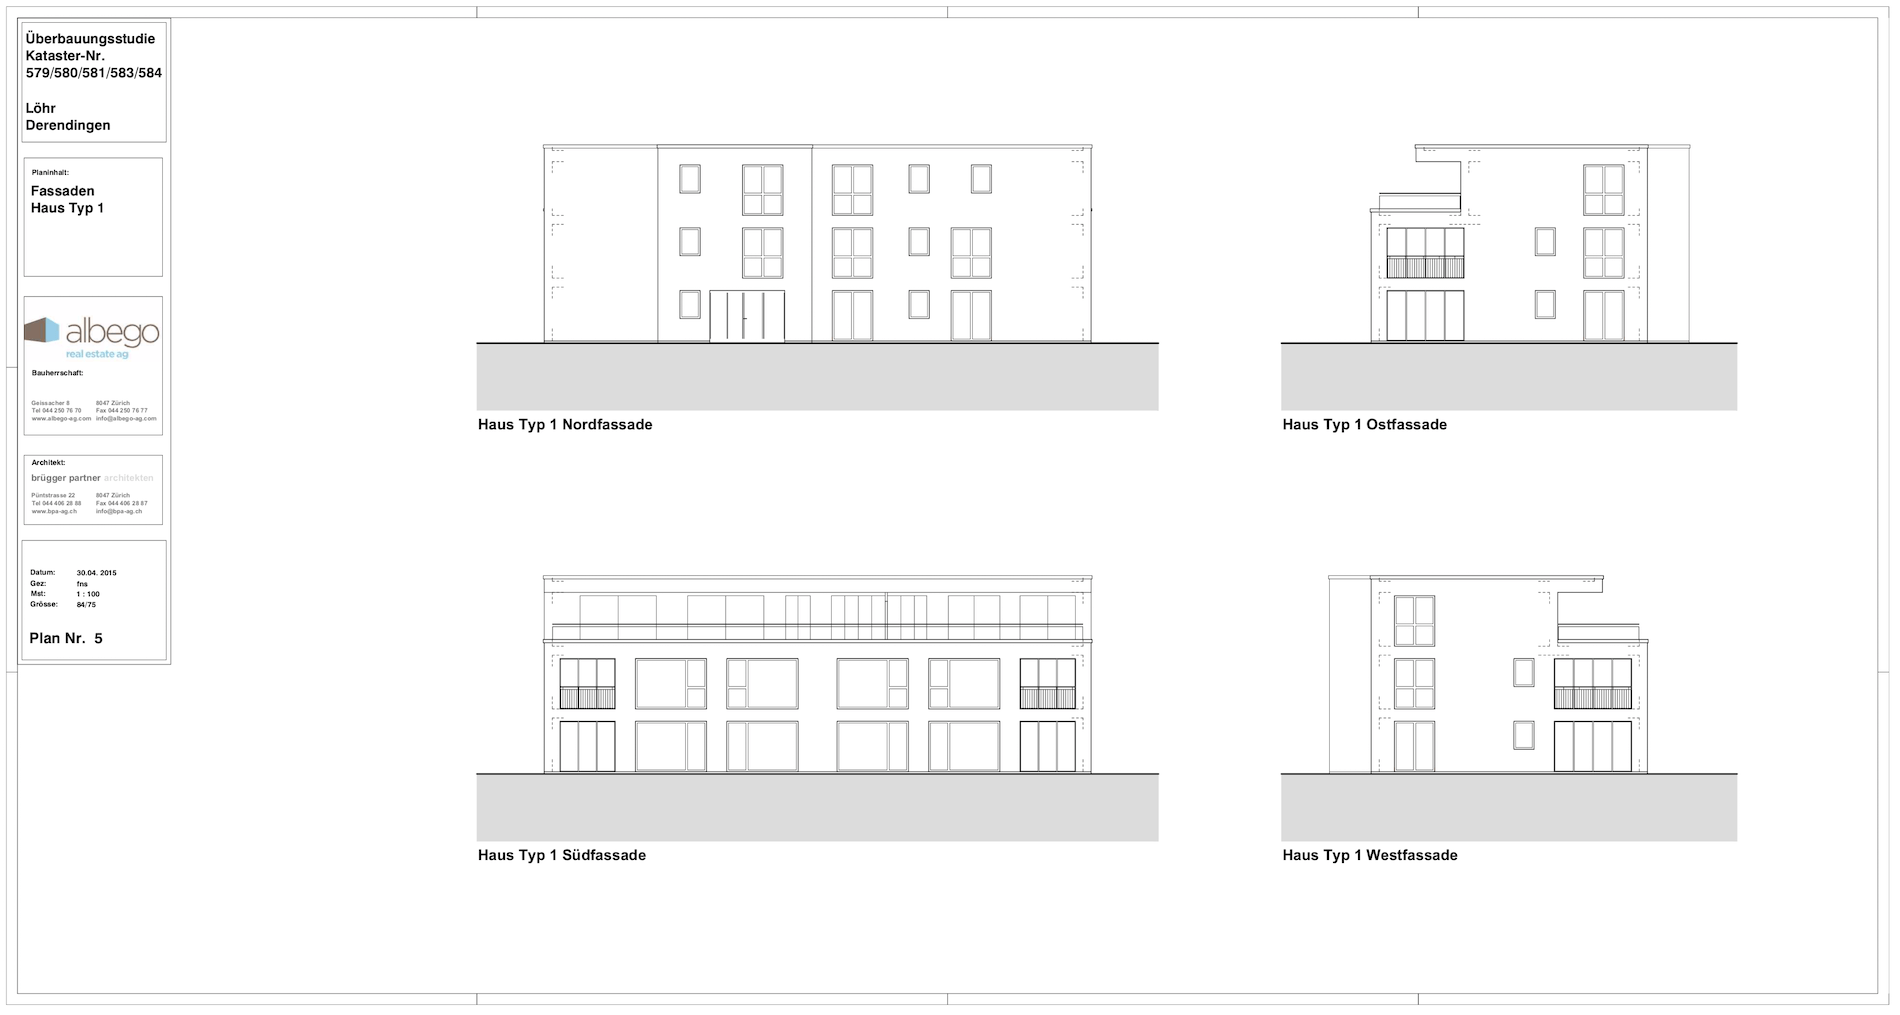 Studienauftrag Derendingen 54 Wohnungen - bpa.ch